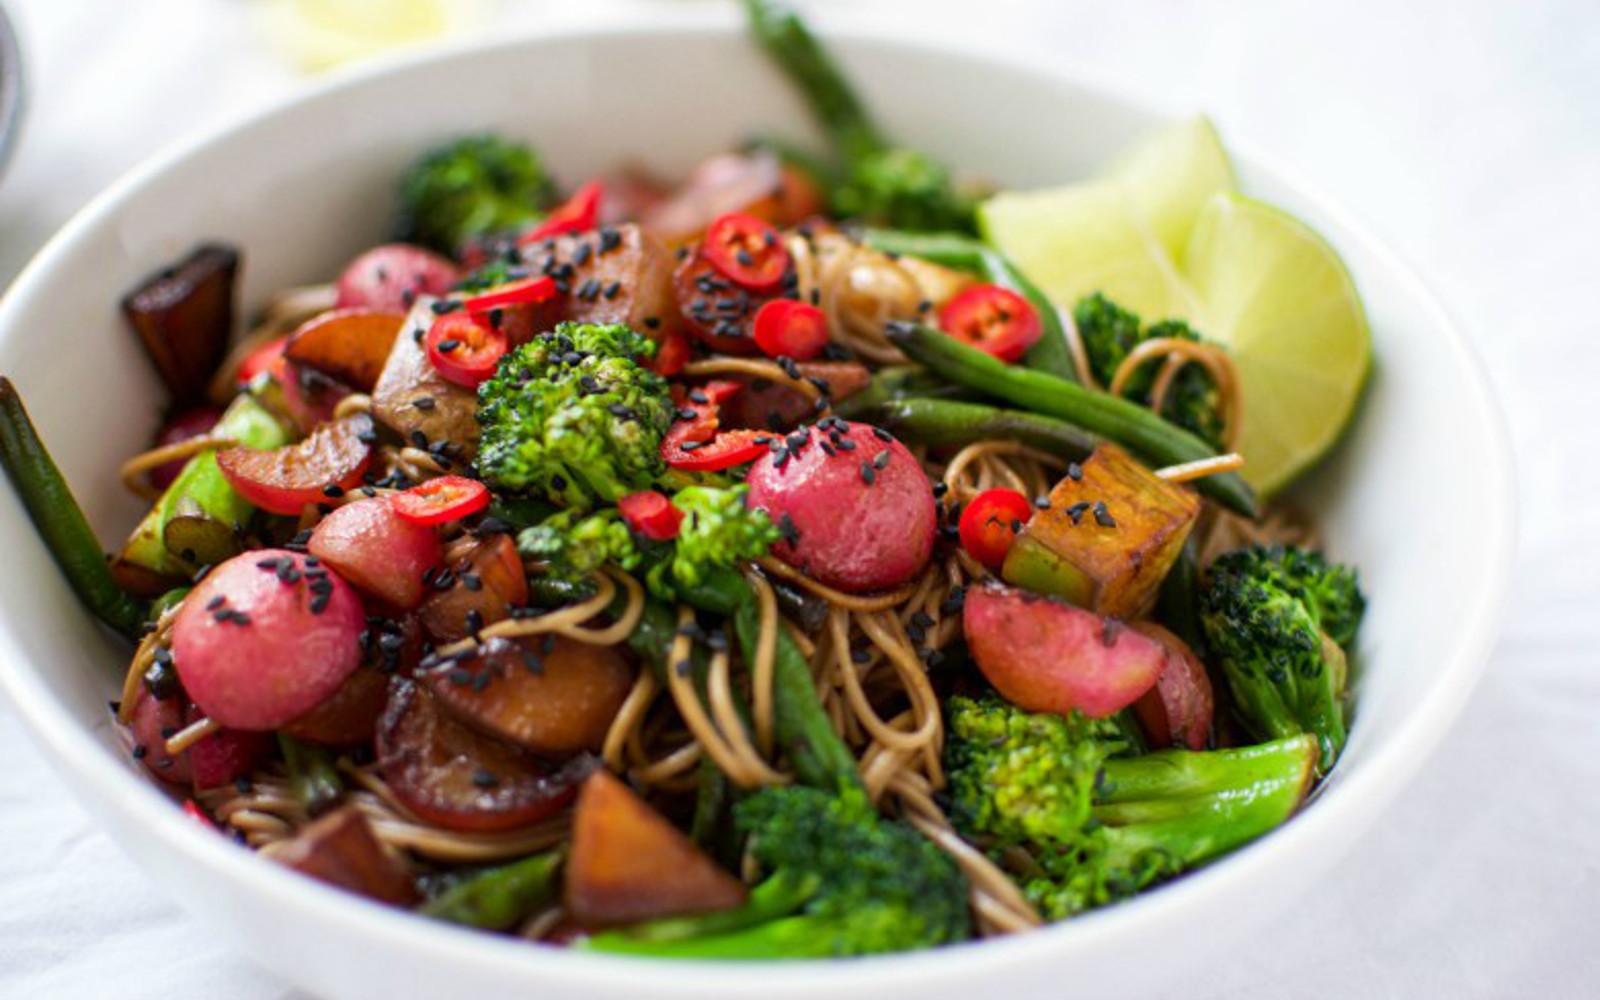 Ginger-Lime Soba Noodles With Vegetables